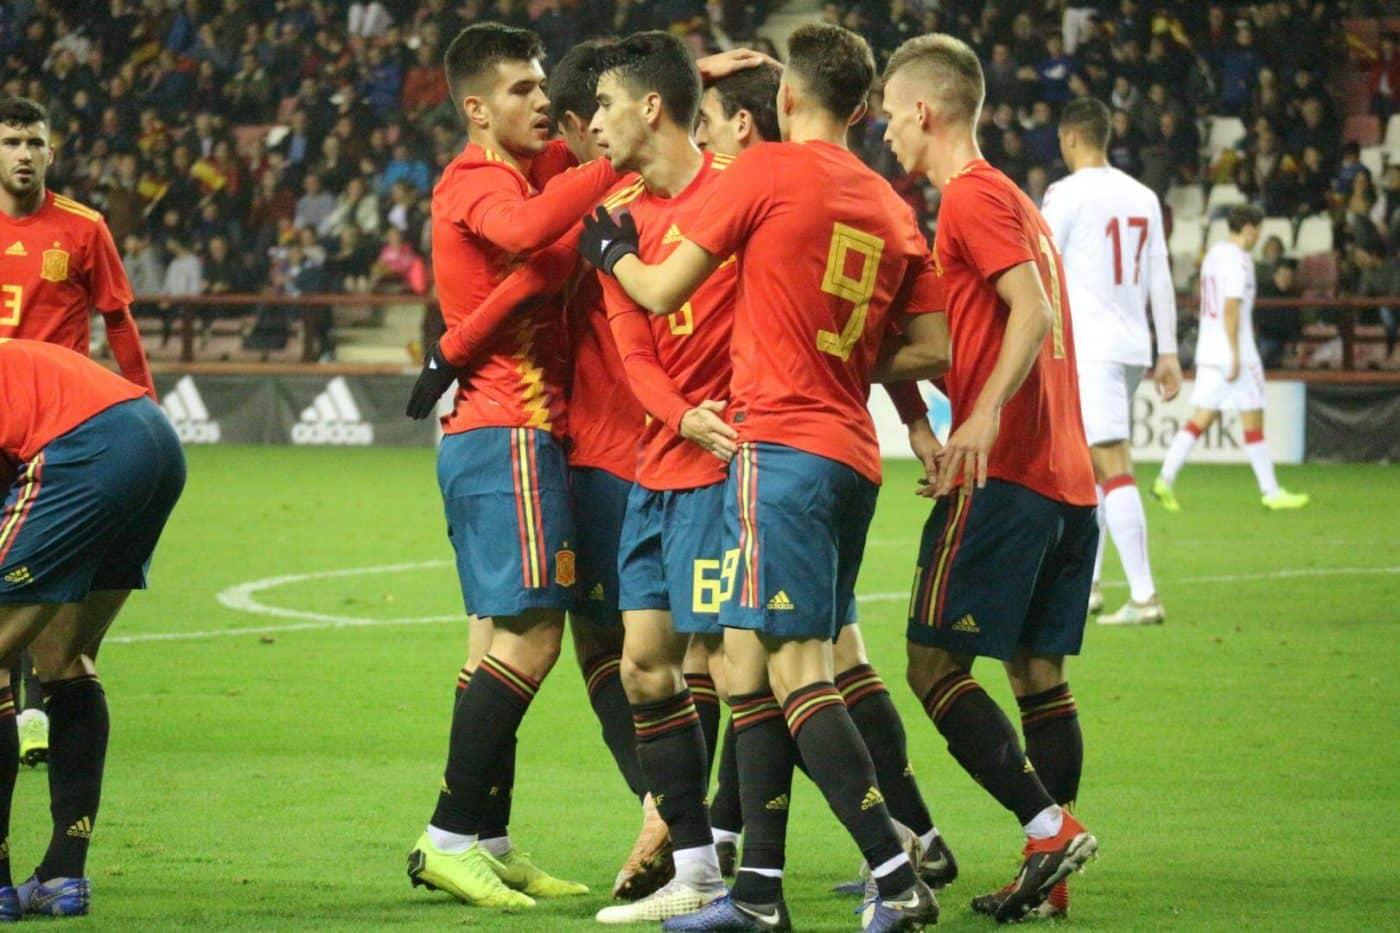 La Sub-21 de Luis de la Fuente remonta y golea en Las Gaunas 19